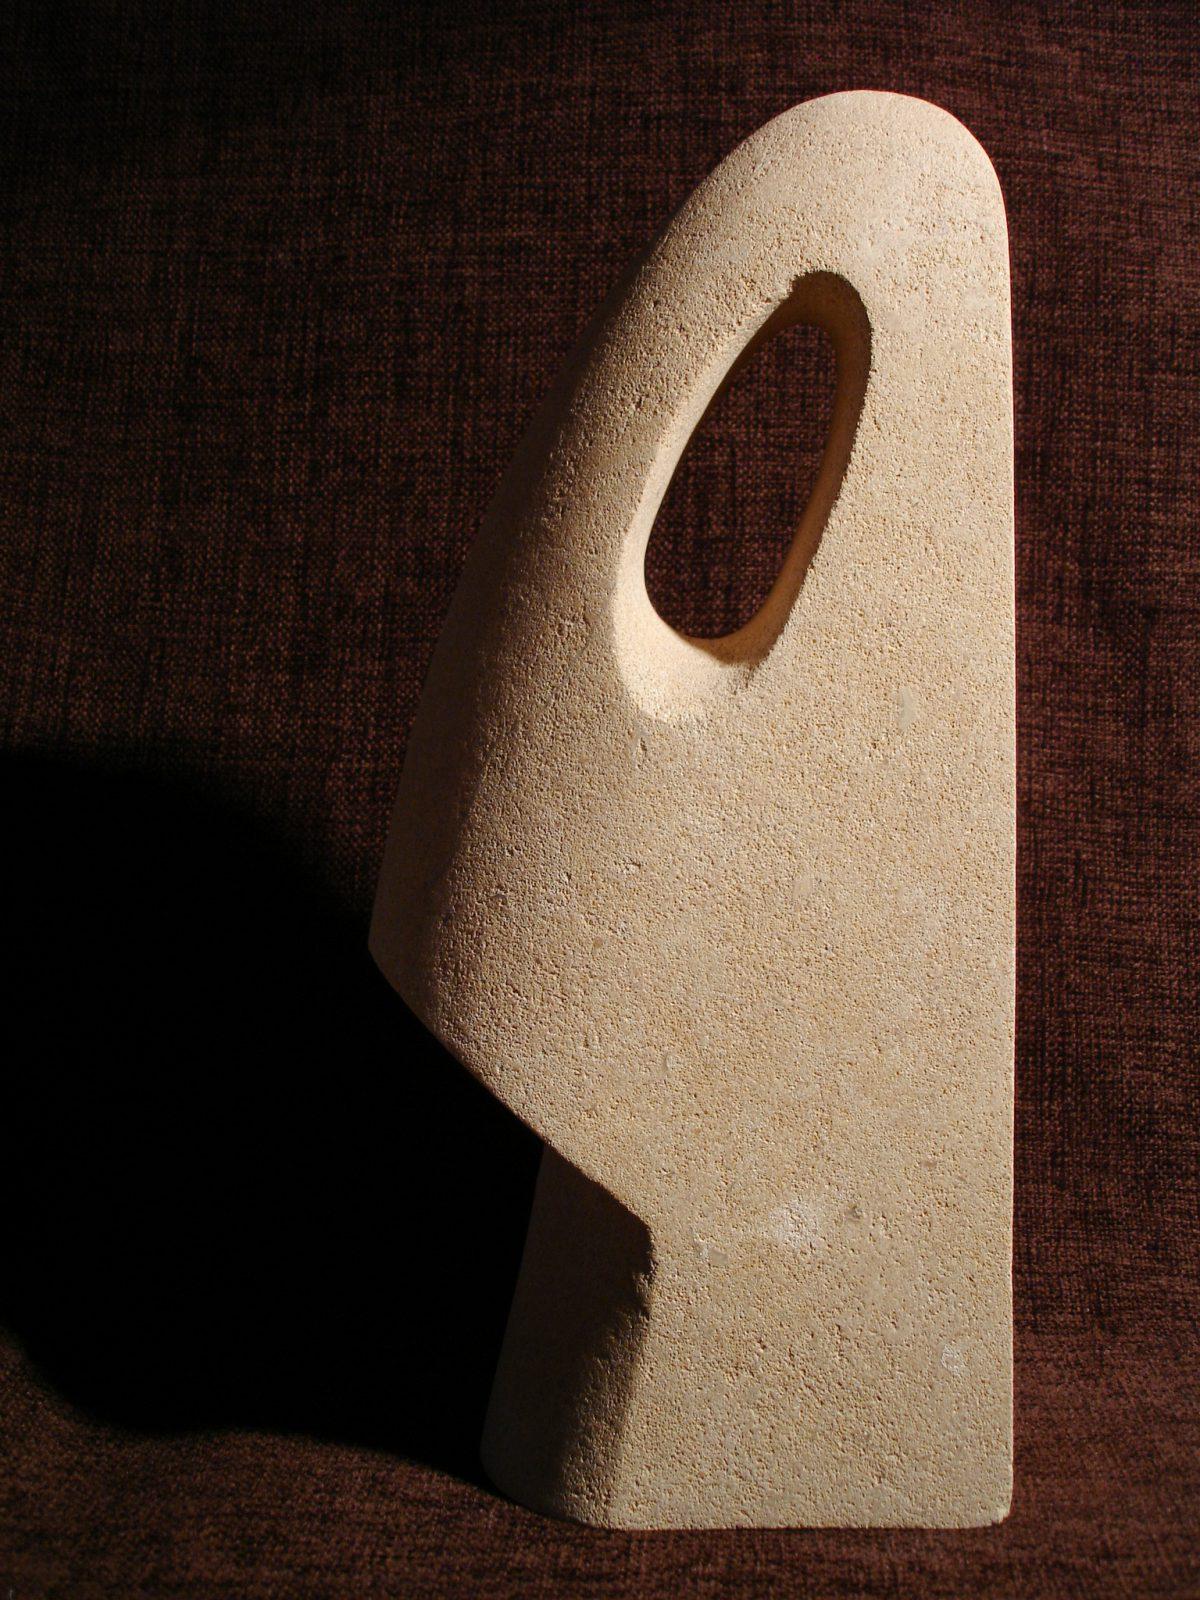 Head - 45cm, Bath Limestone